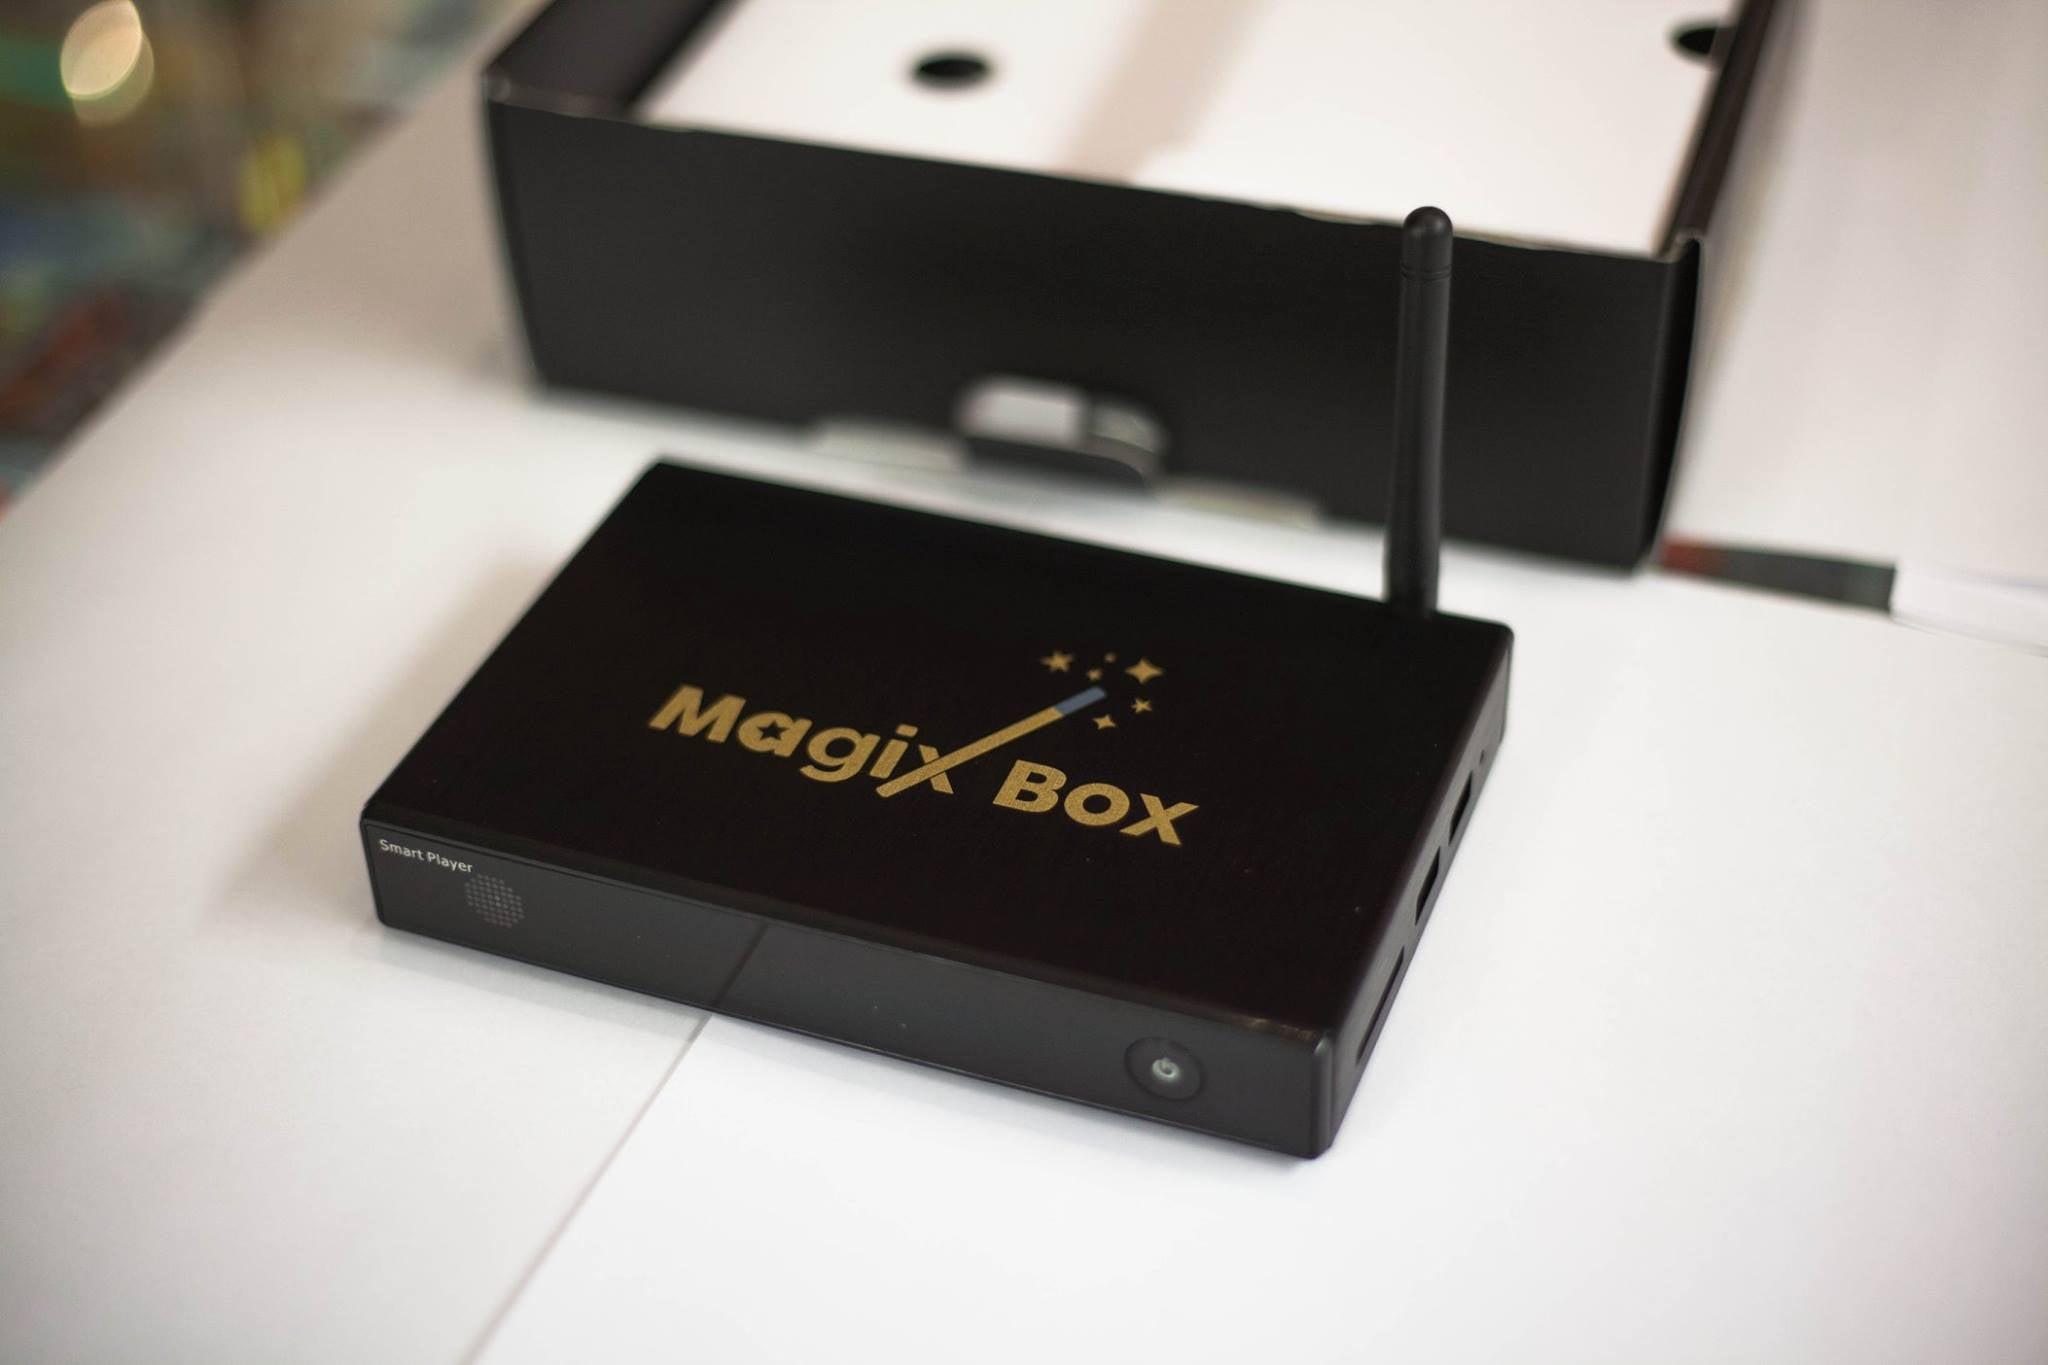 The MagixBox — The Magix Box